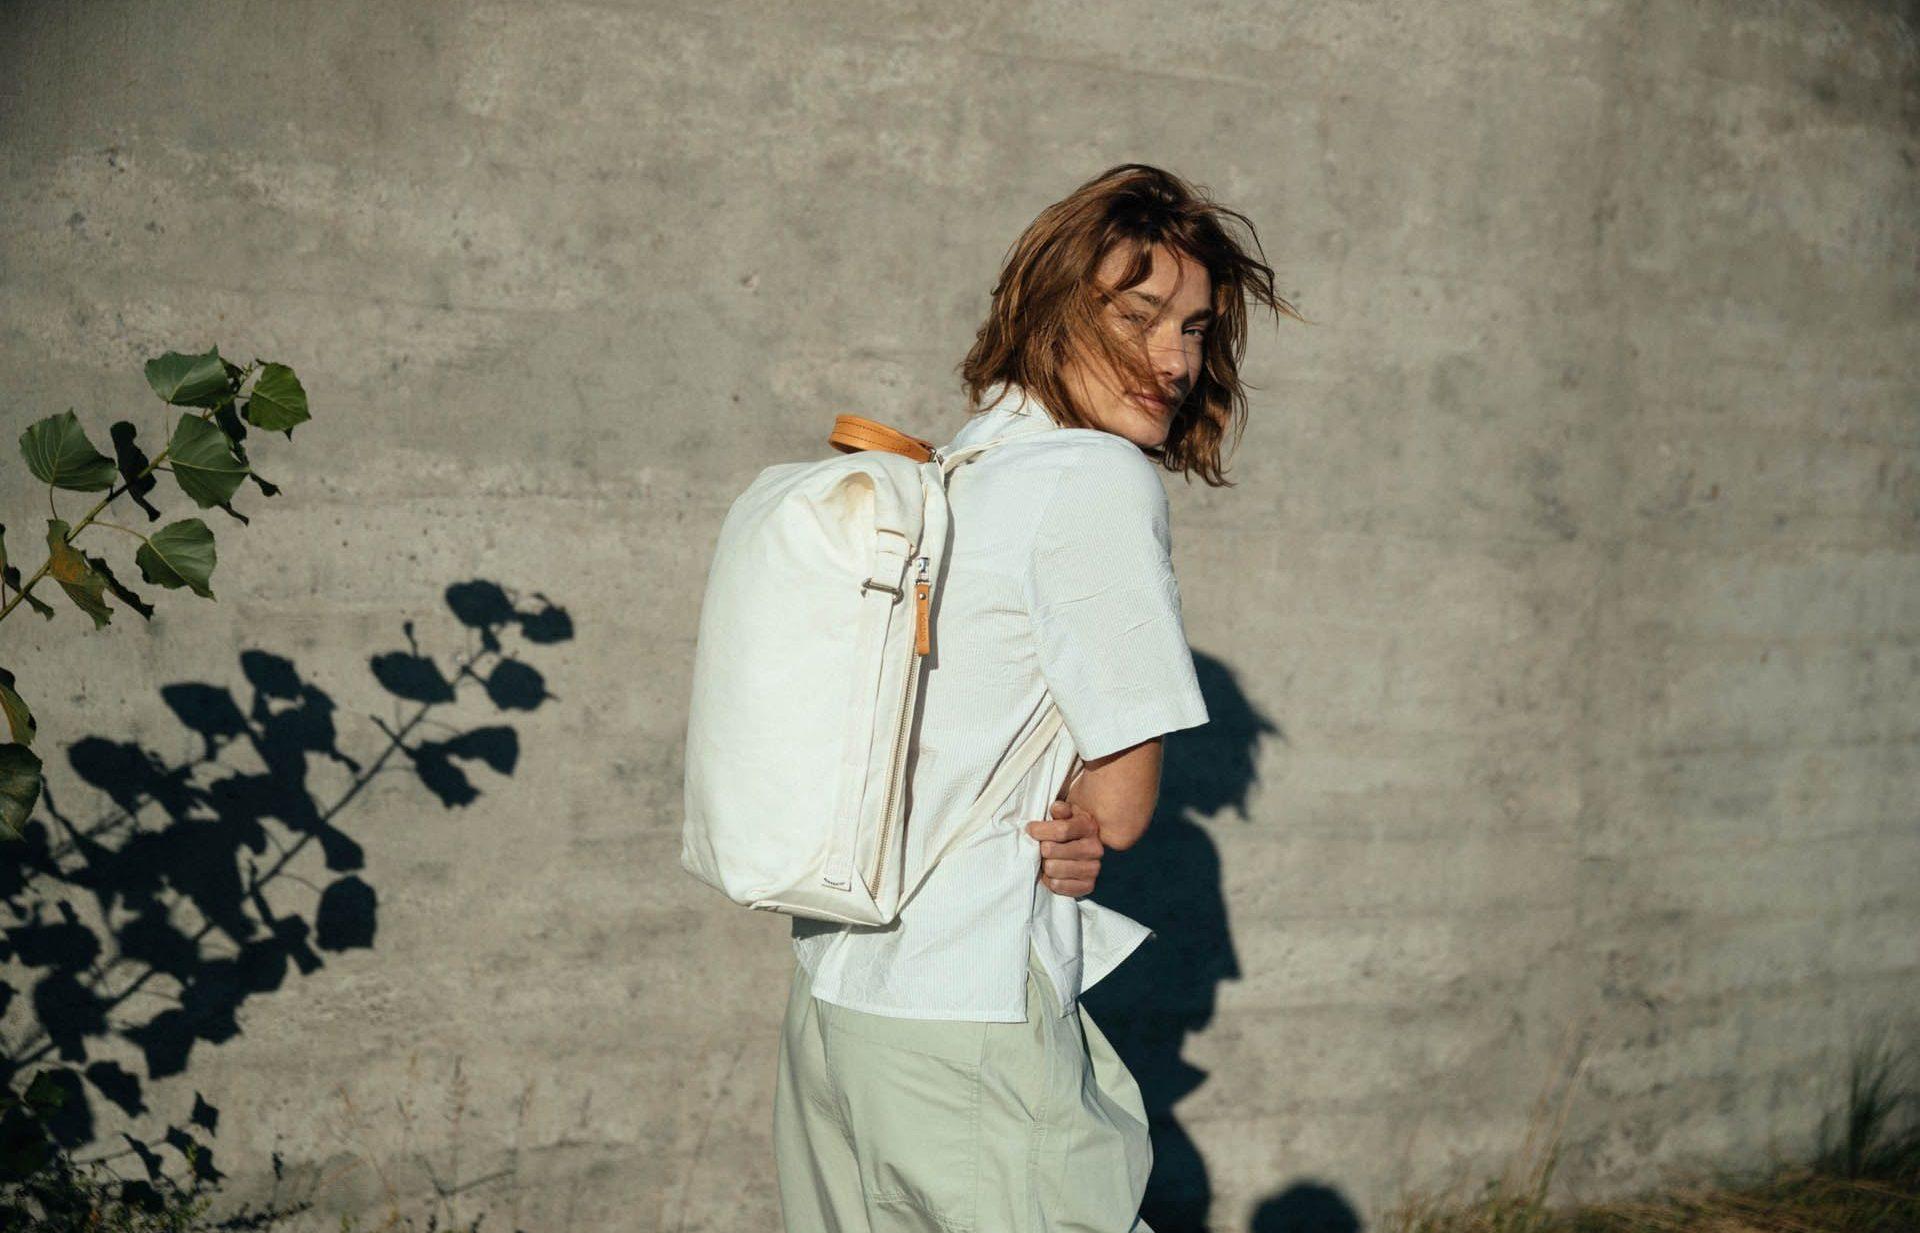 Fede tasker, du kan fragte din laptop i – ifølge fire fotografer